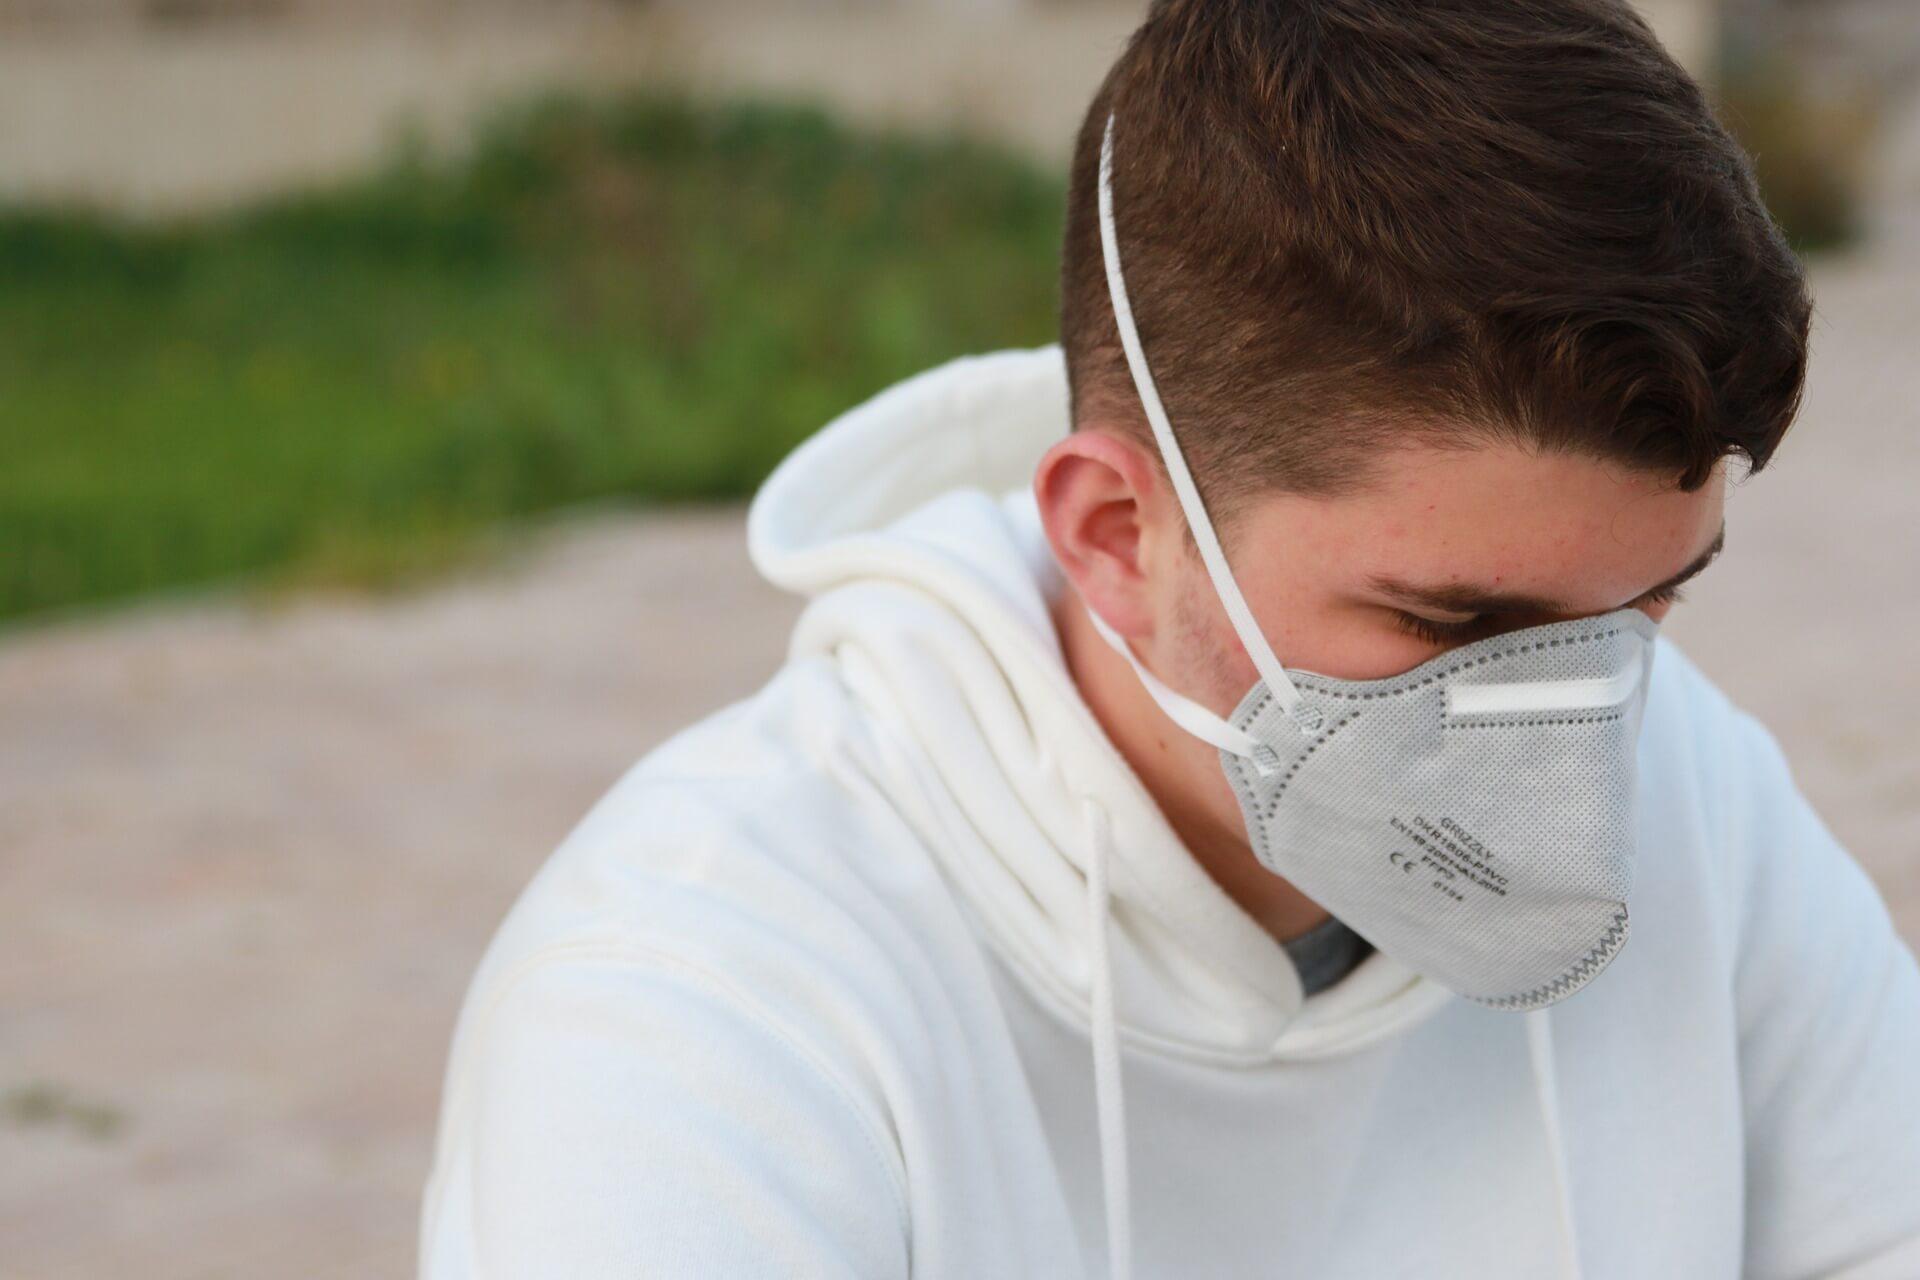 Samoizolacija određena za više od 600 učenika u Zagrebu: Diljem Hrvatske 19 škola izvodi nastavu online